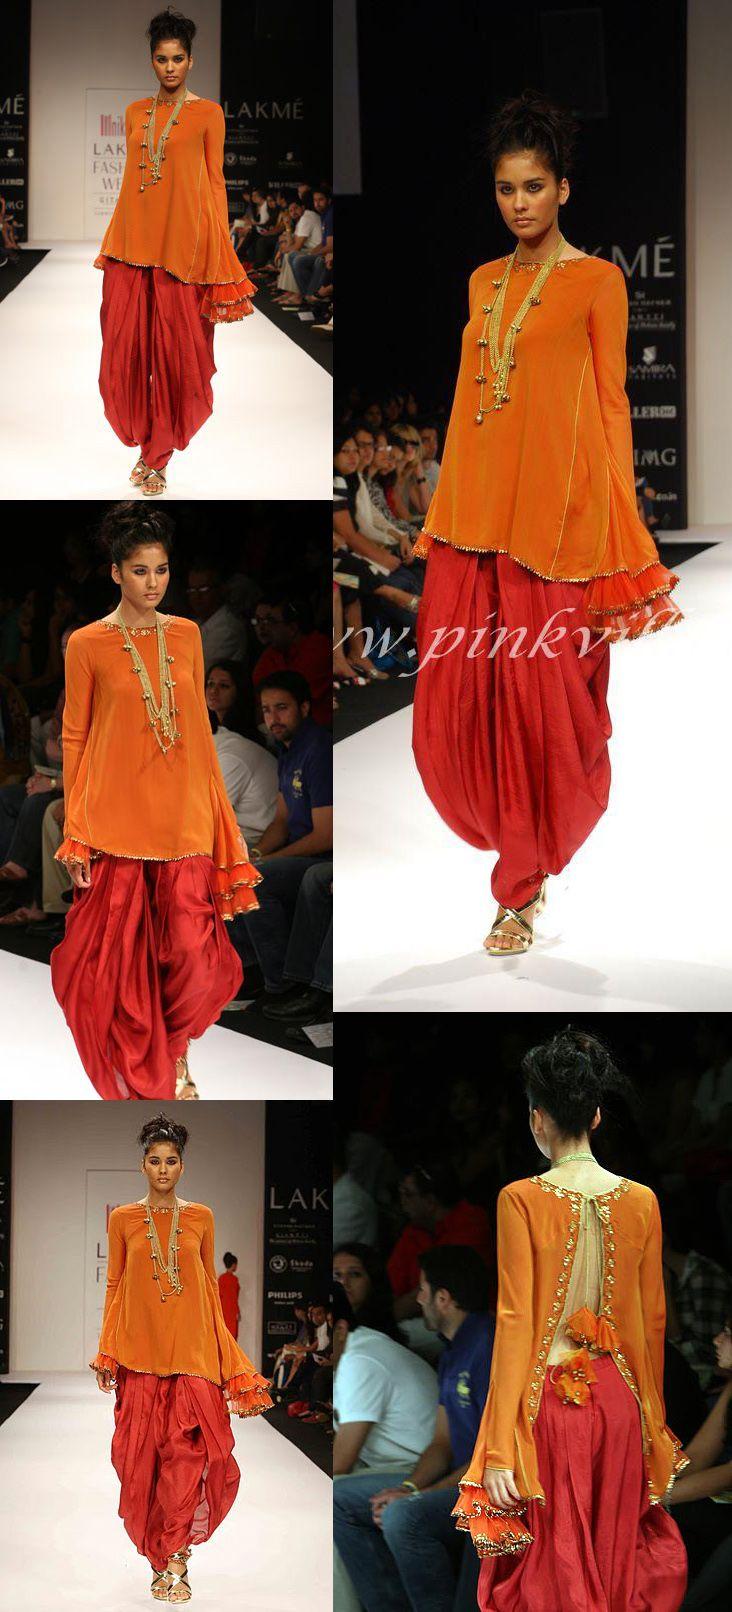 Nikasha Tawadey on Day 1 of the Lakme Fashion Week in Mumbai on Friday, March 5, 2010.